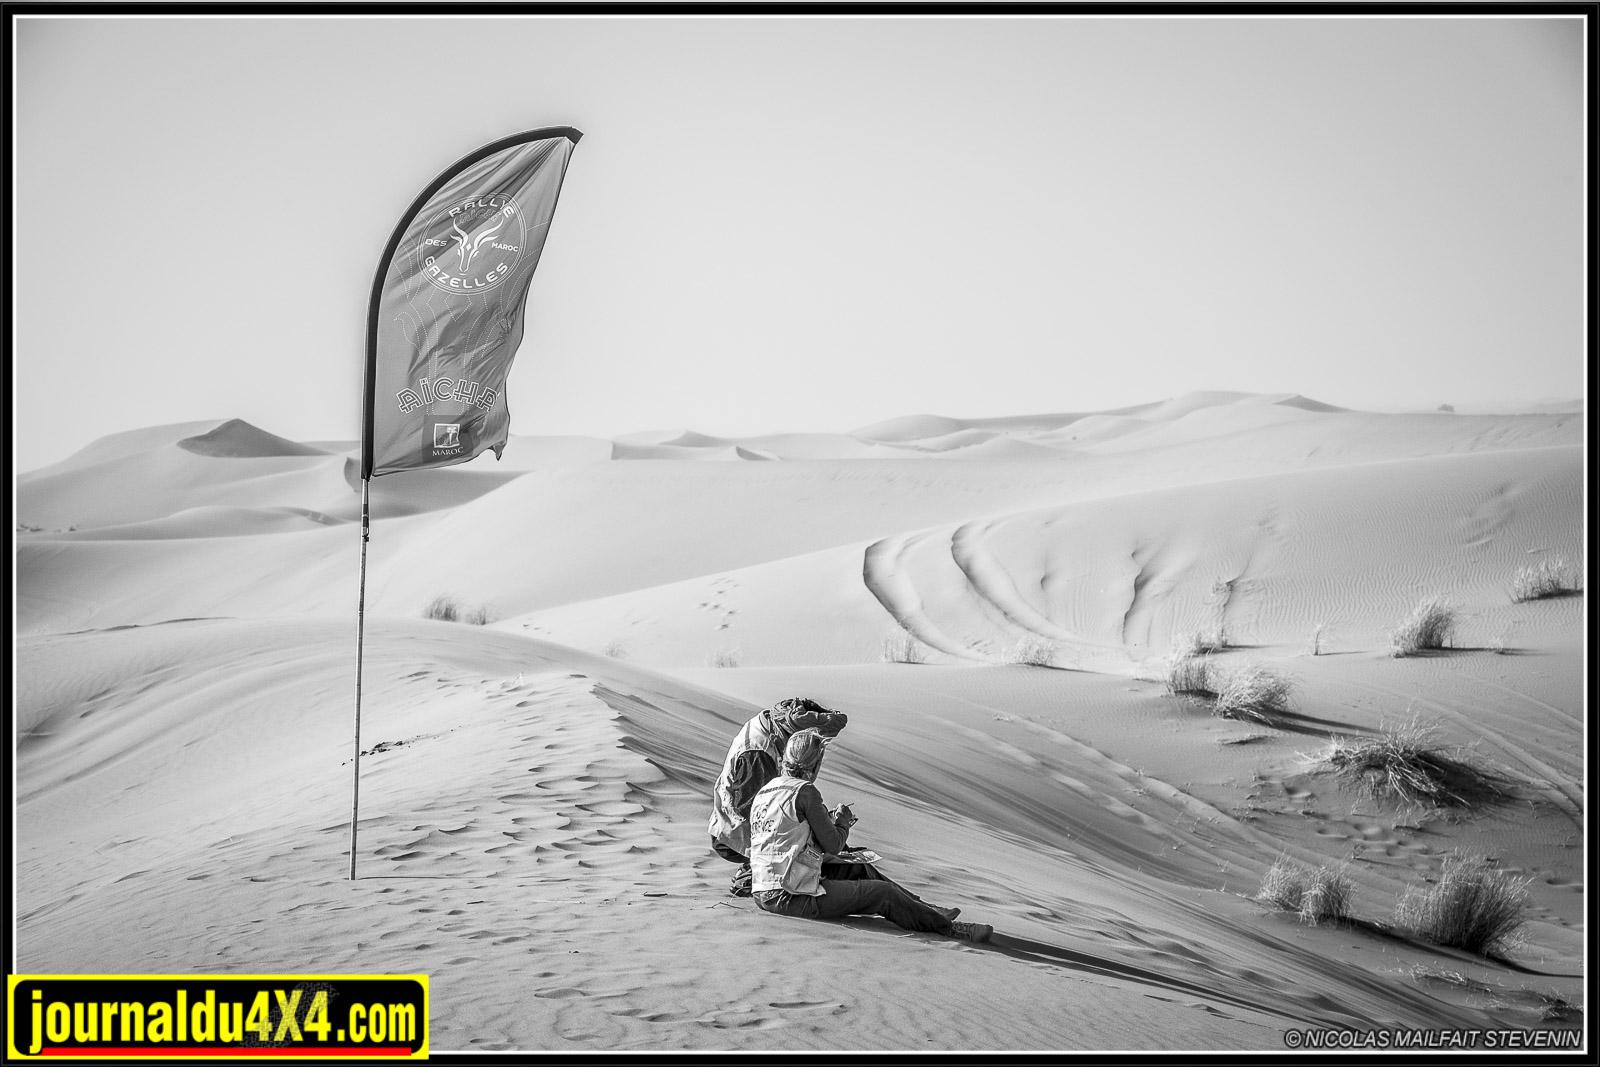 rallye-aicha-gazelles-maroc-2017-7556.jpg